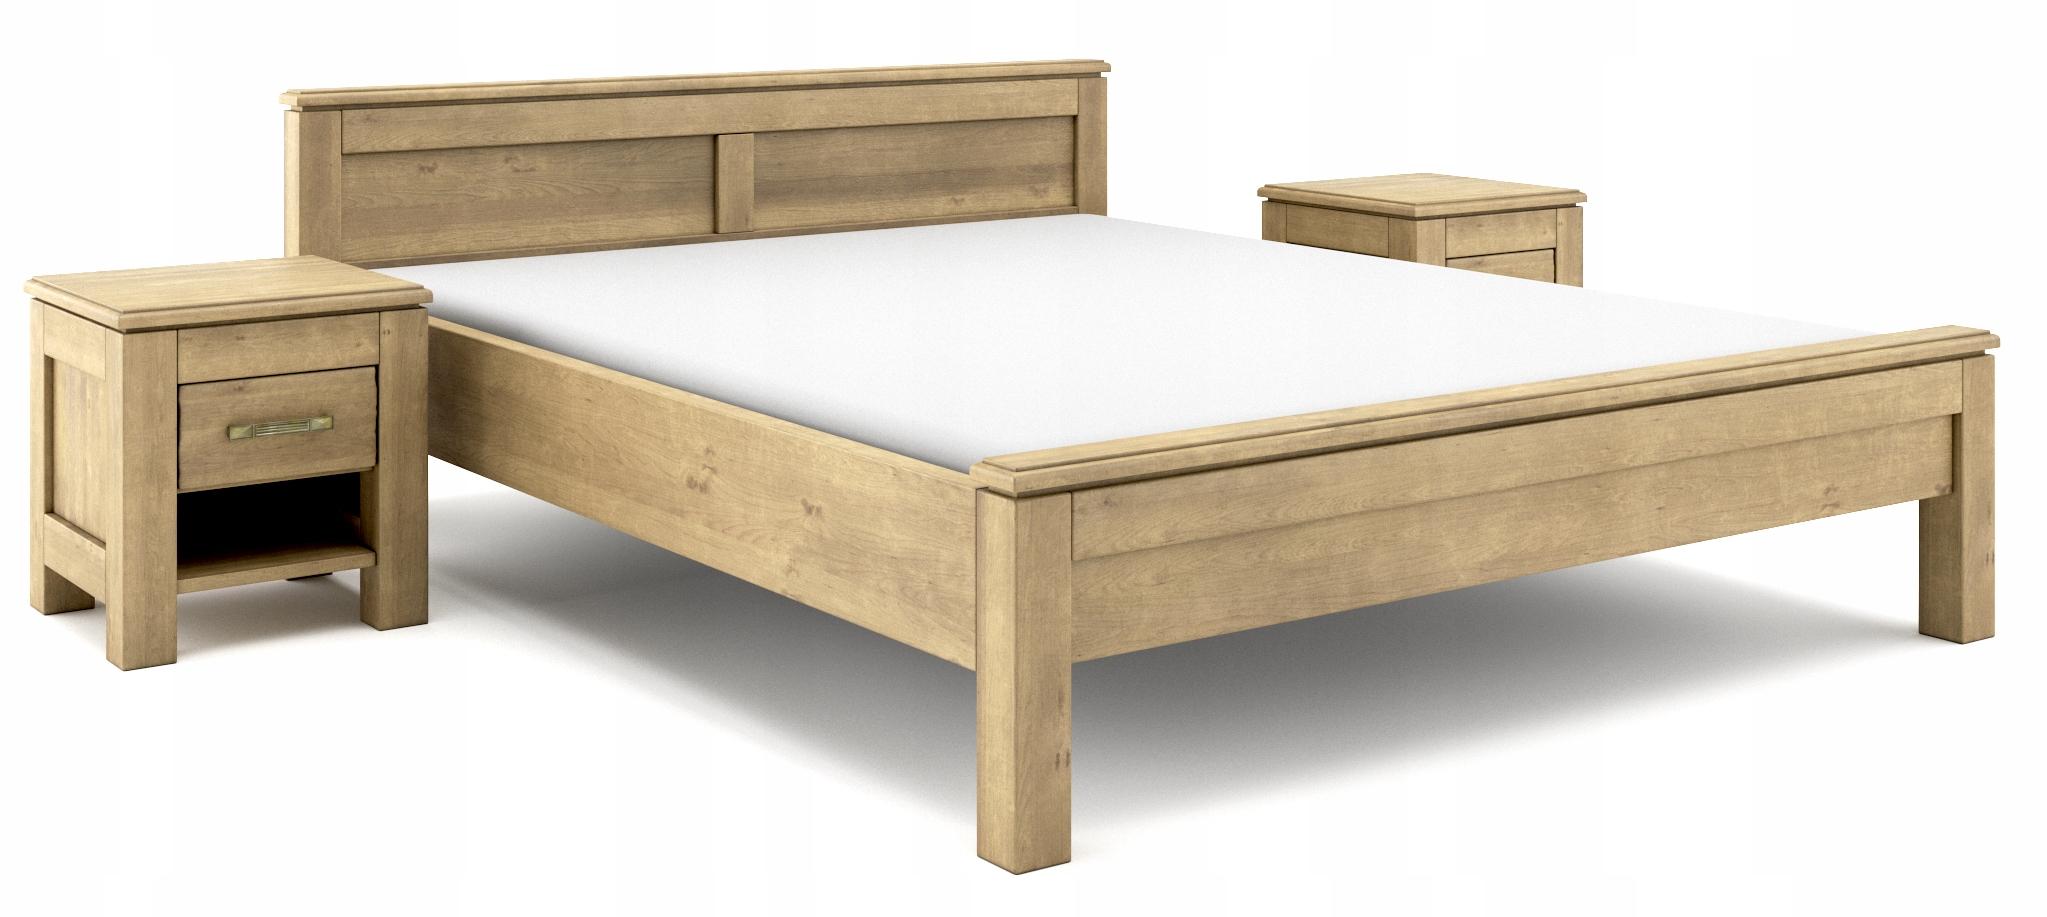 Posteľ Retro 200x200 manželskou posteľou pre roky